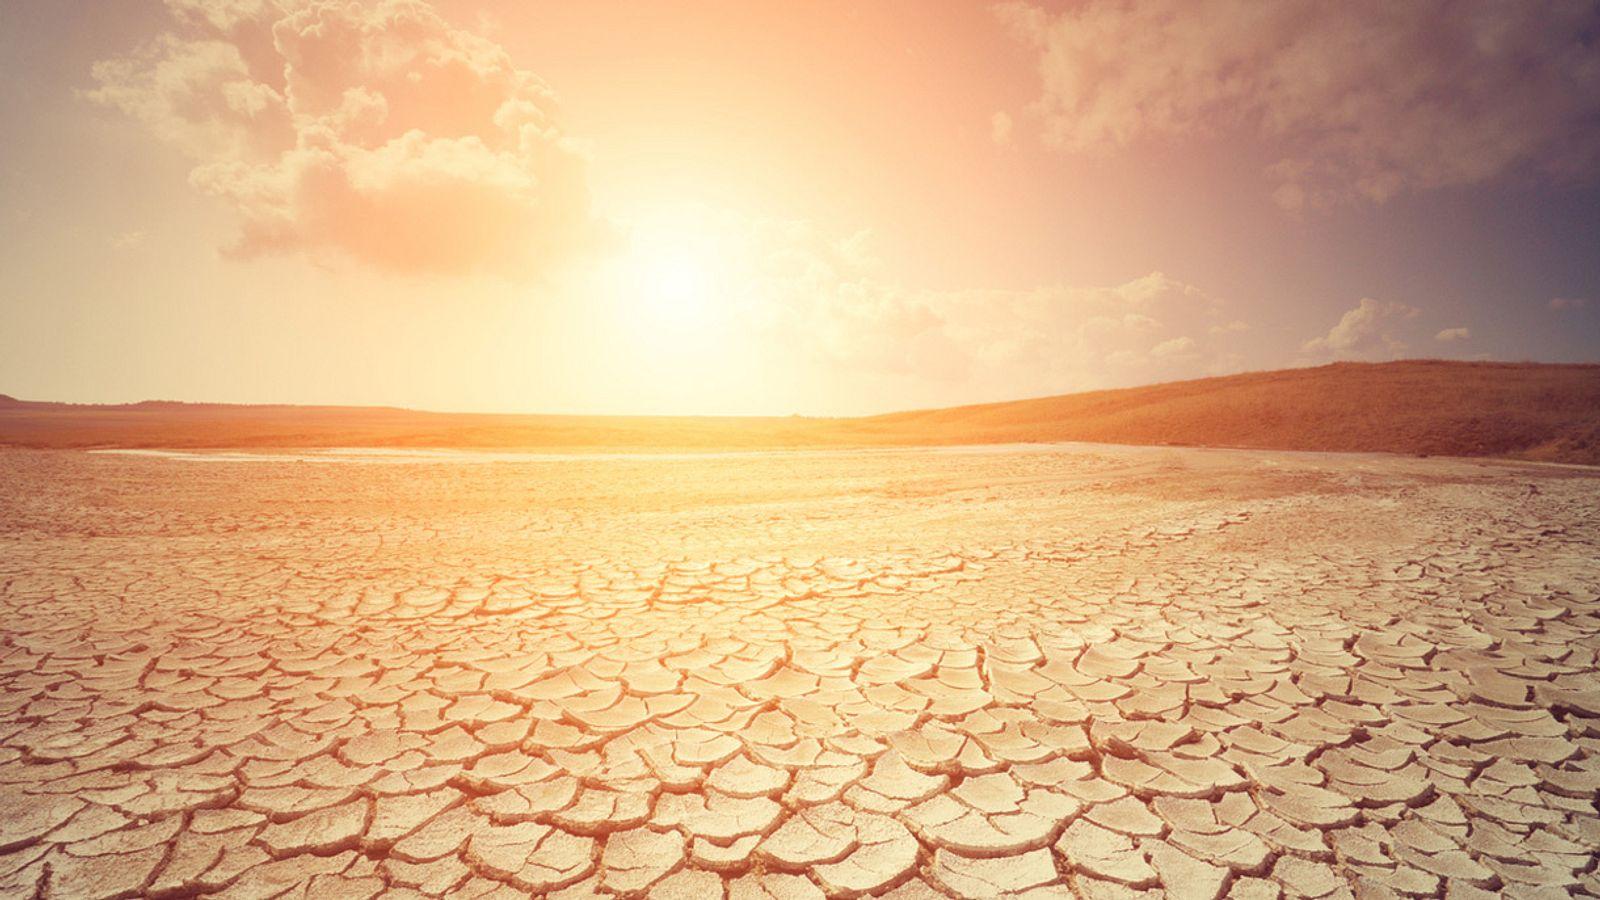 Das Ende der Welt steht fest - und es kommt viel eher als gedacht!